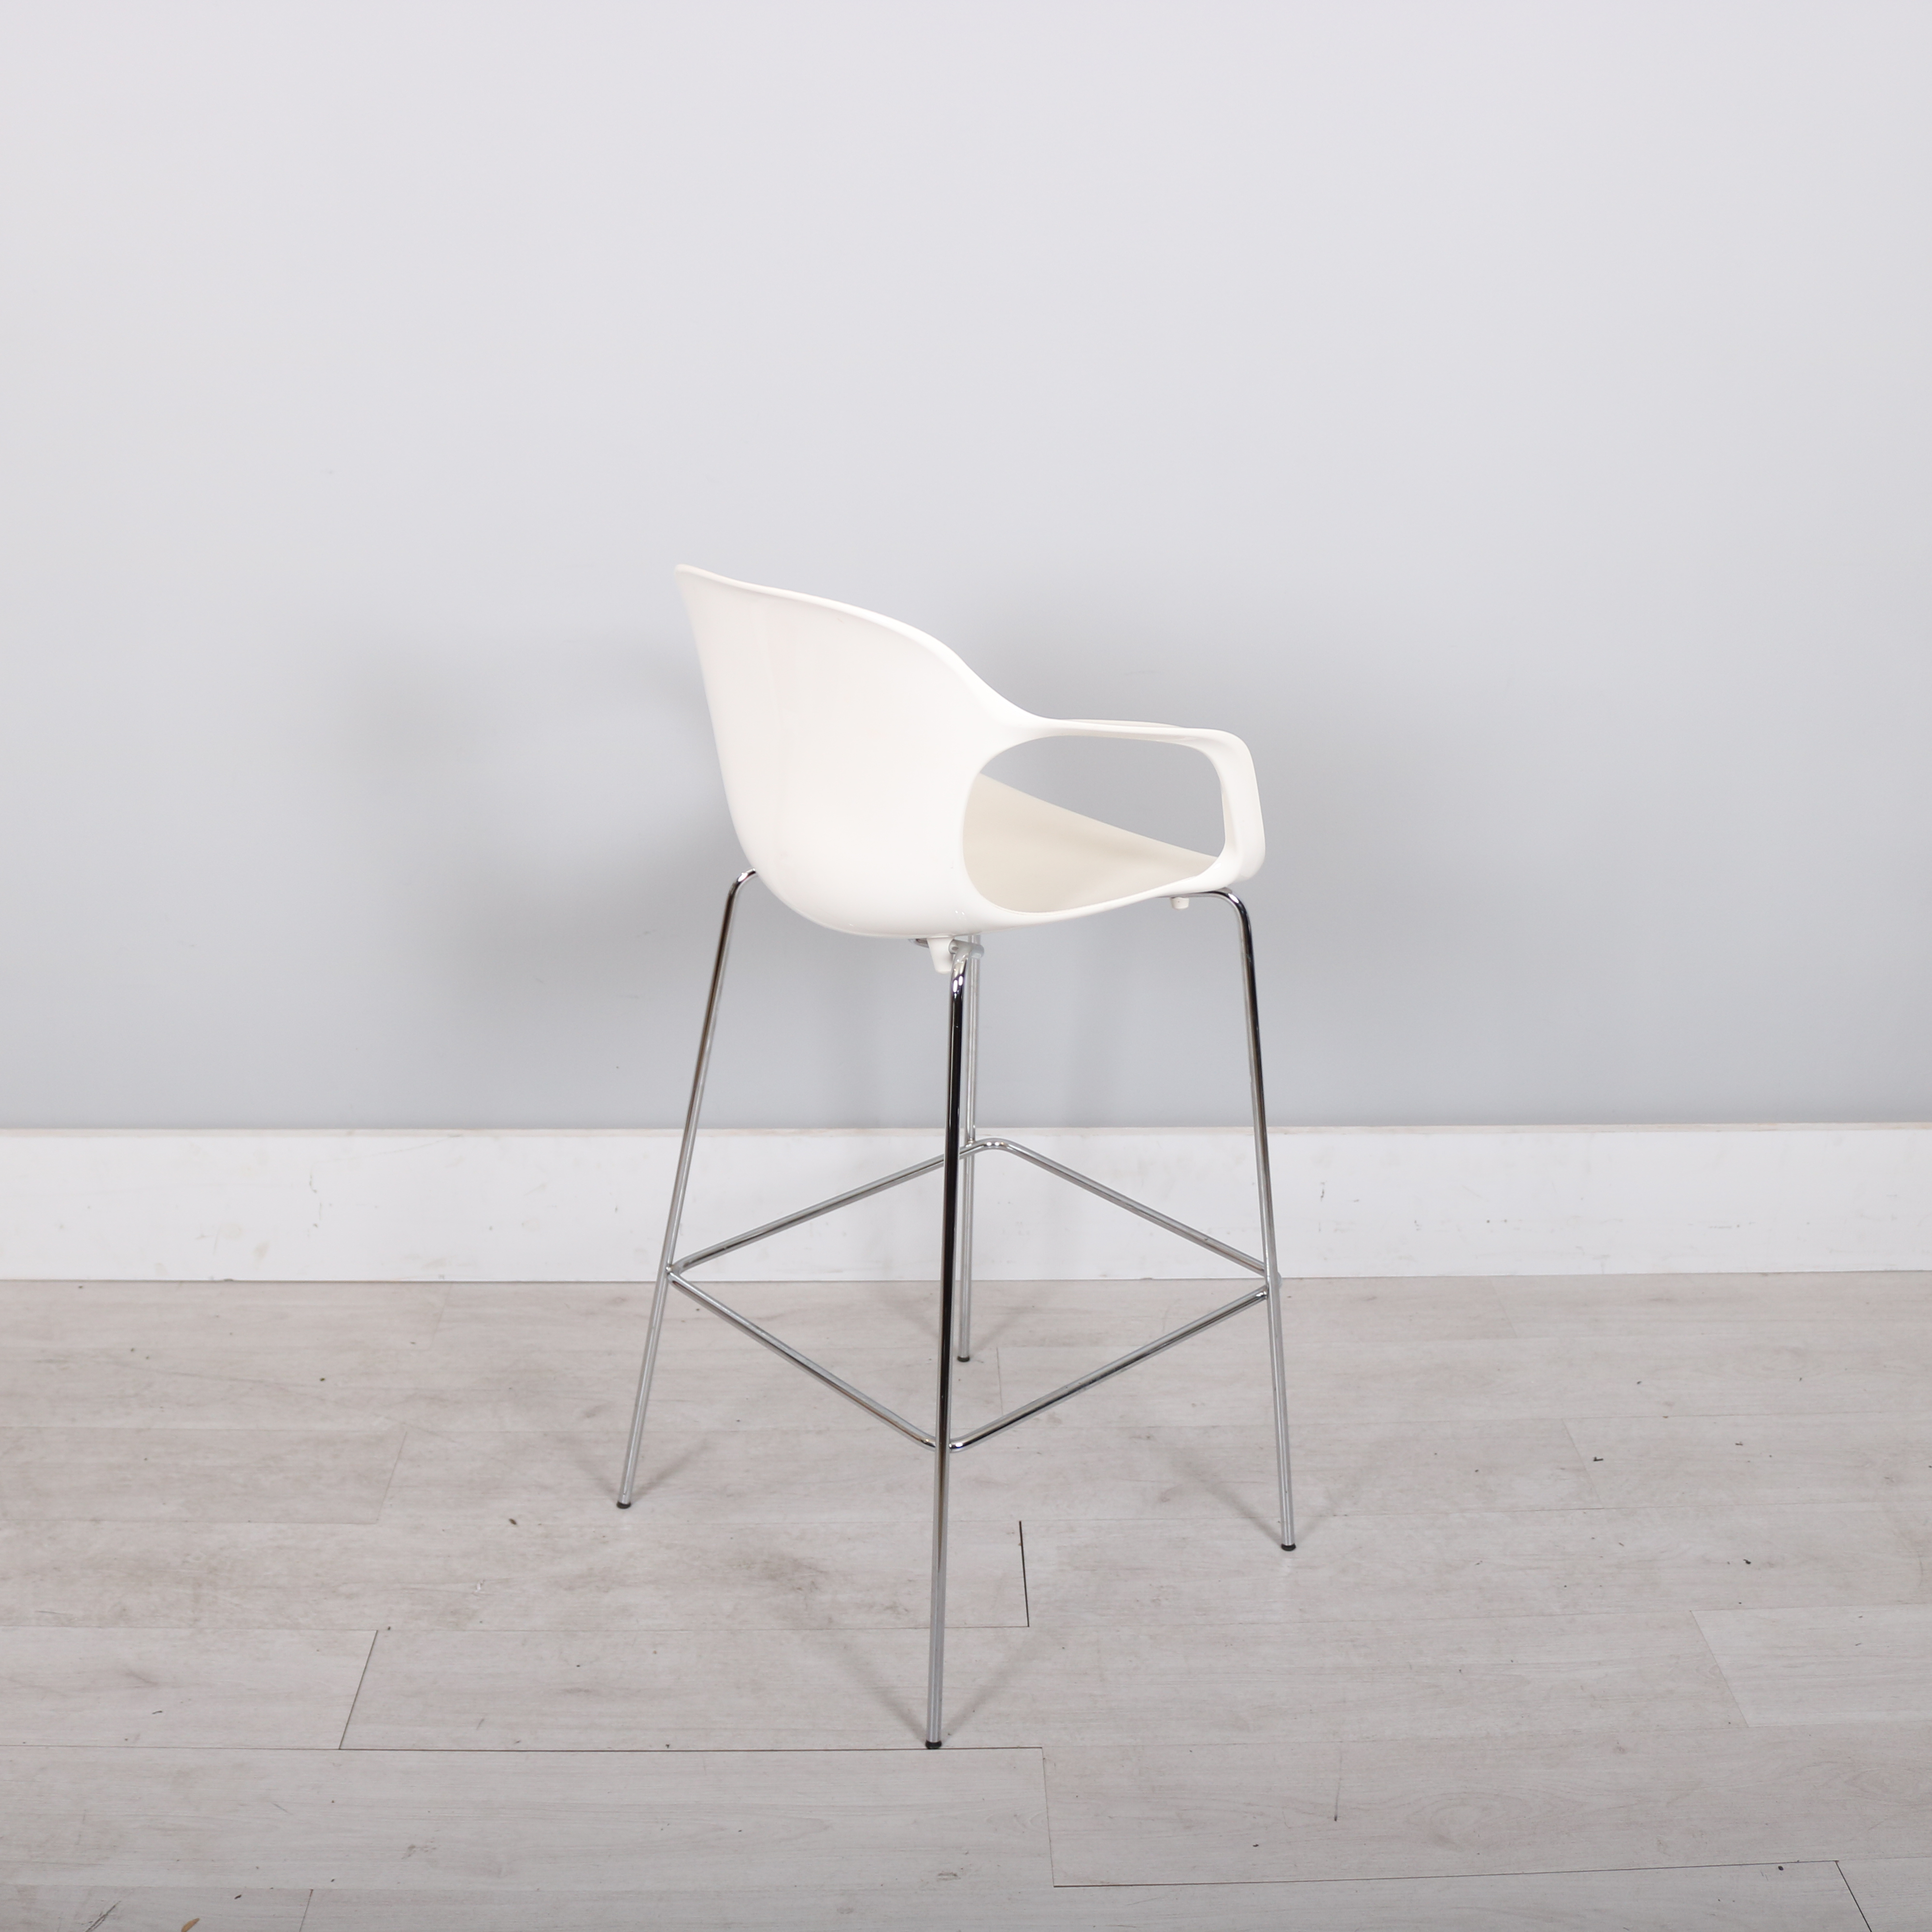 fritz hansen nap chair. fritz hansen kasper salto nap stools. img_6741. img_6746 img_6745 img_6744 img_6743 img_6742 chair